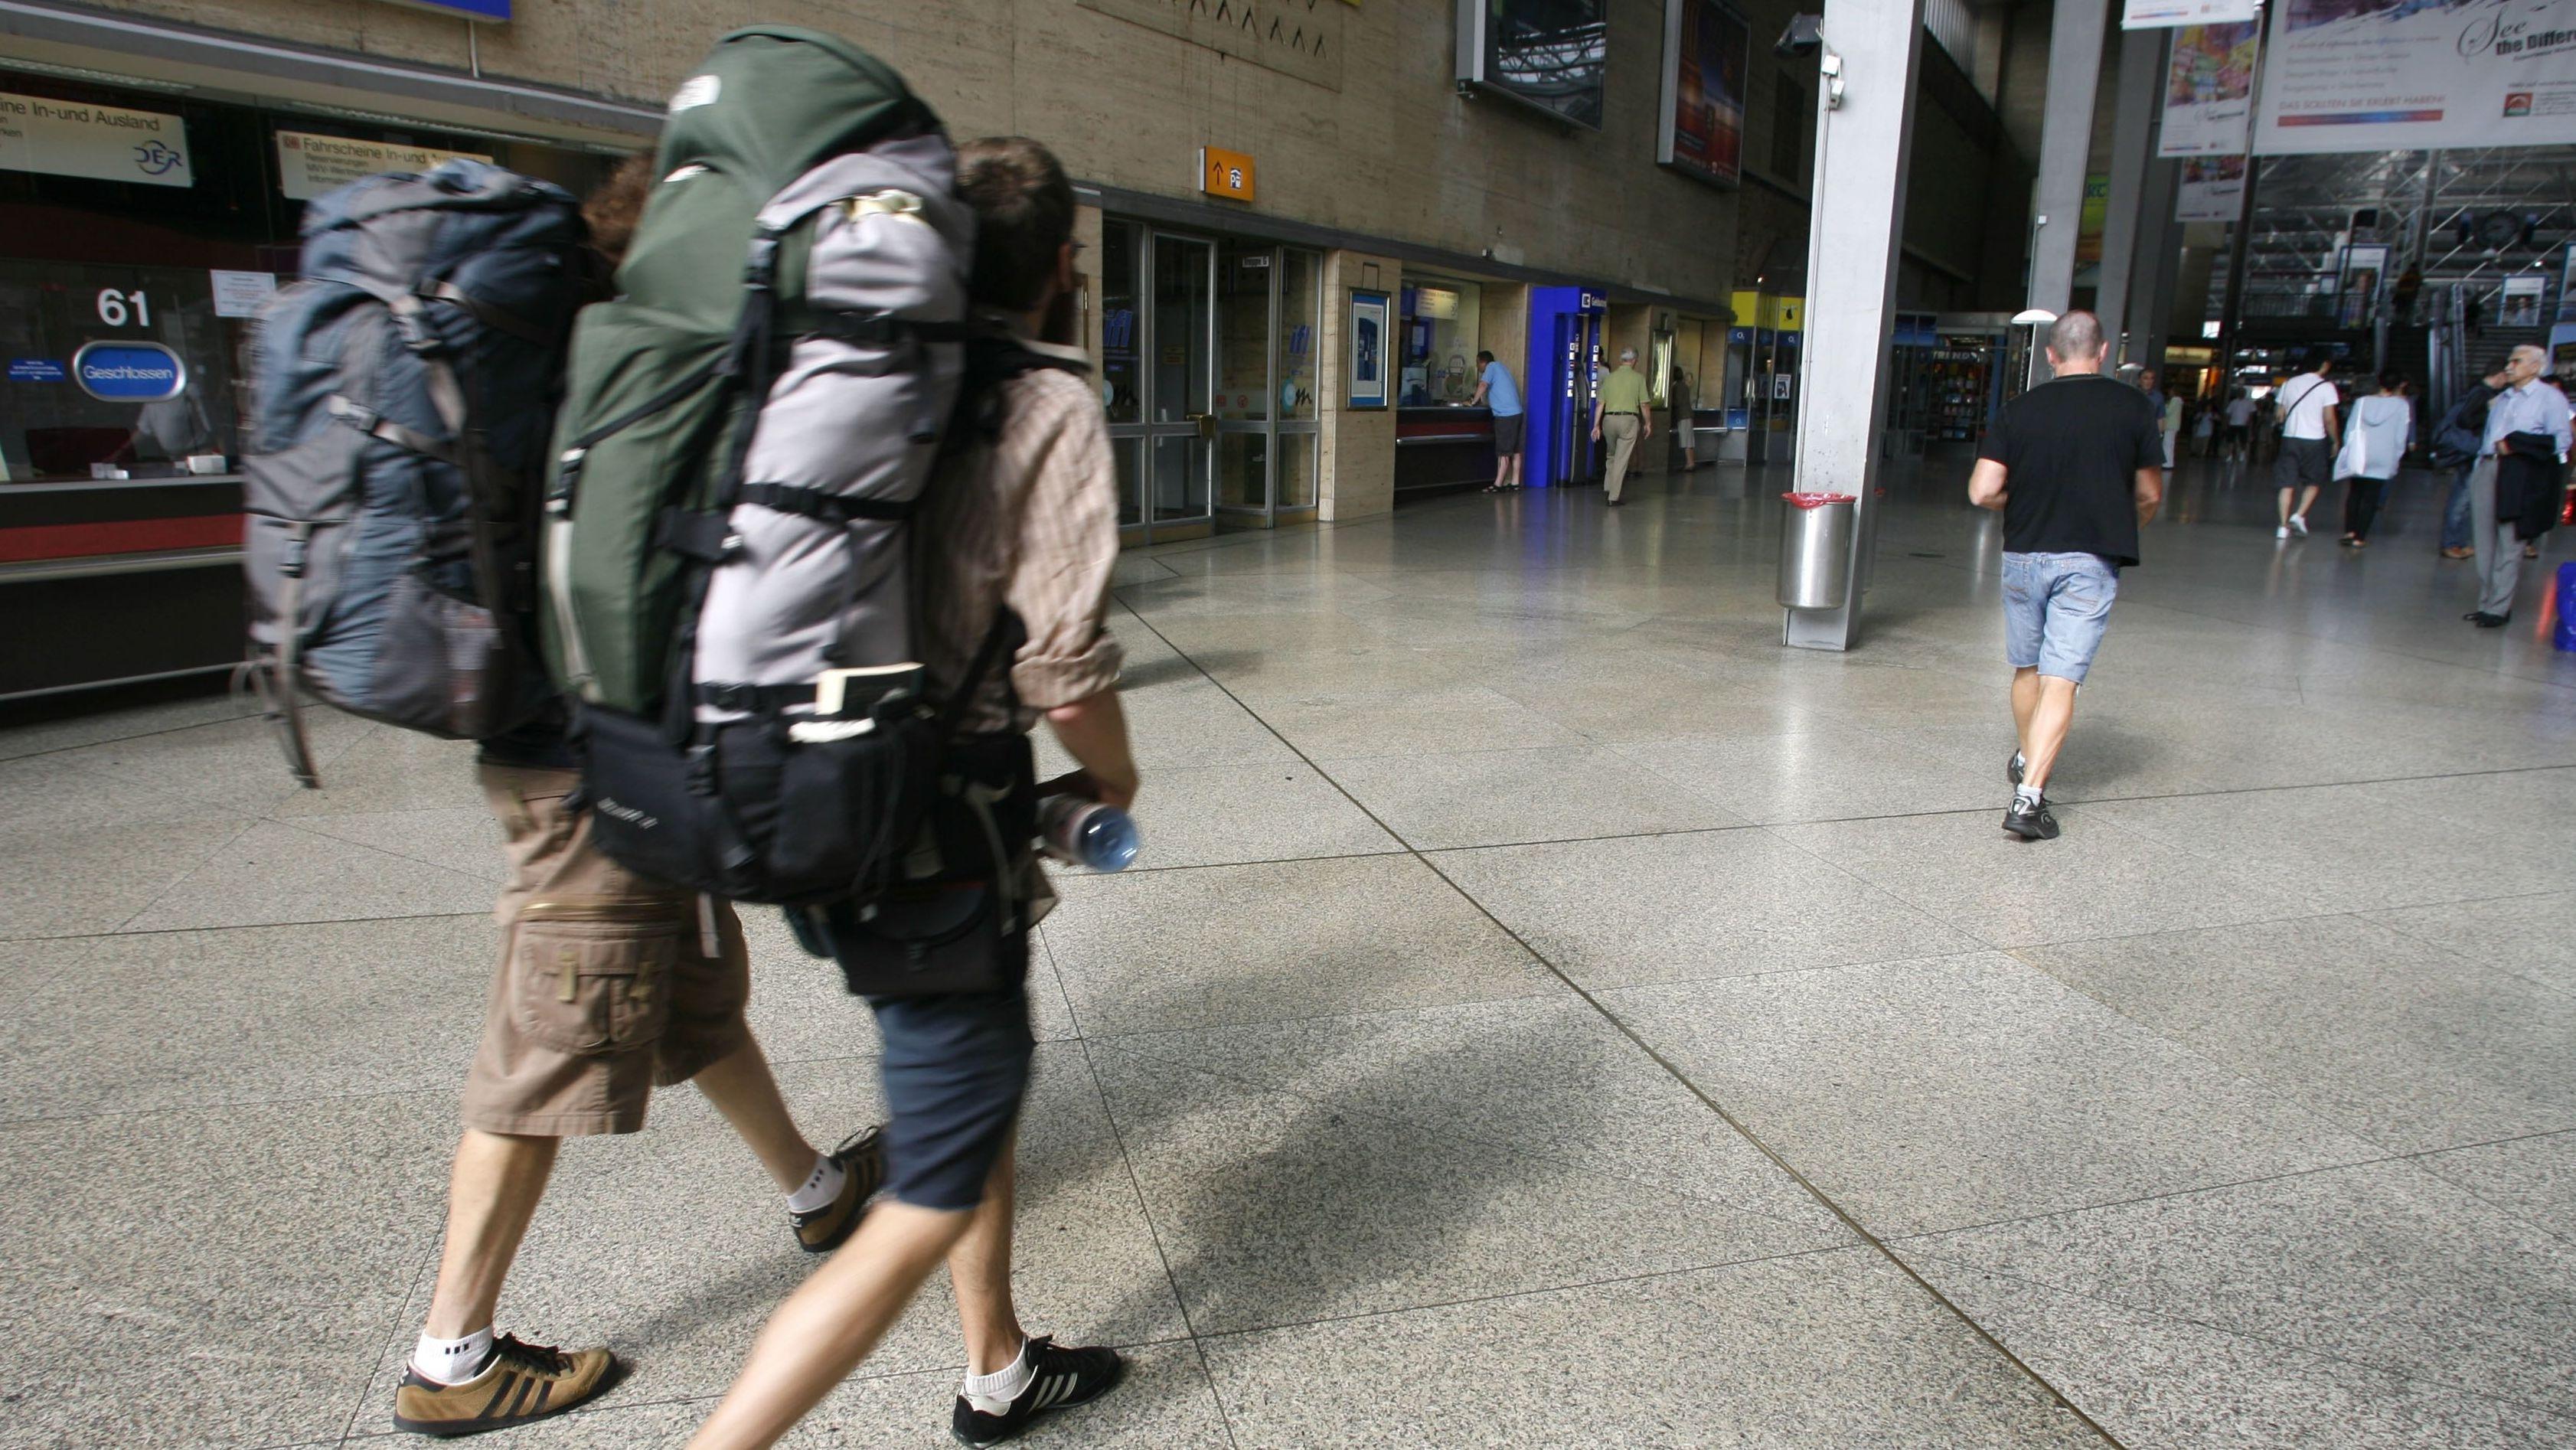 Ab heute Mittag ein Bild der Vergangenheit: Reisende gehen in München durch die Schalterhalle am Hauptbahnhof.